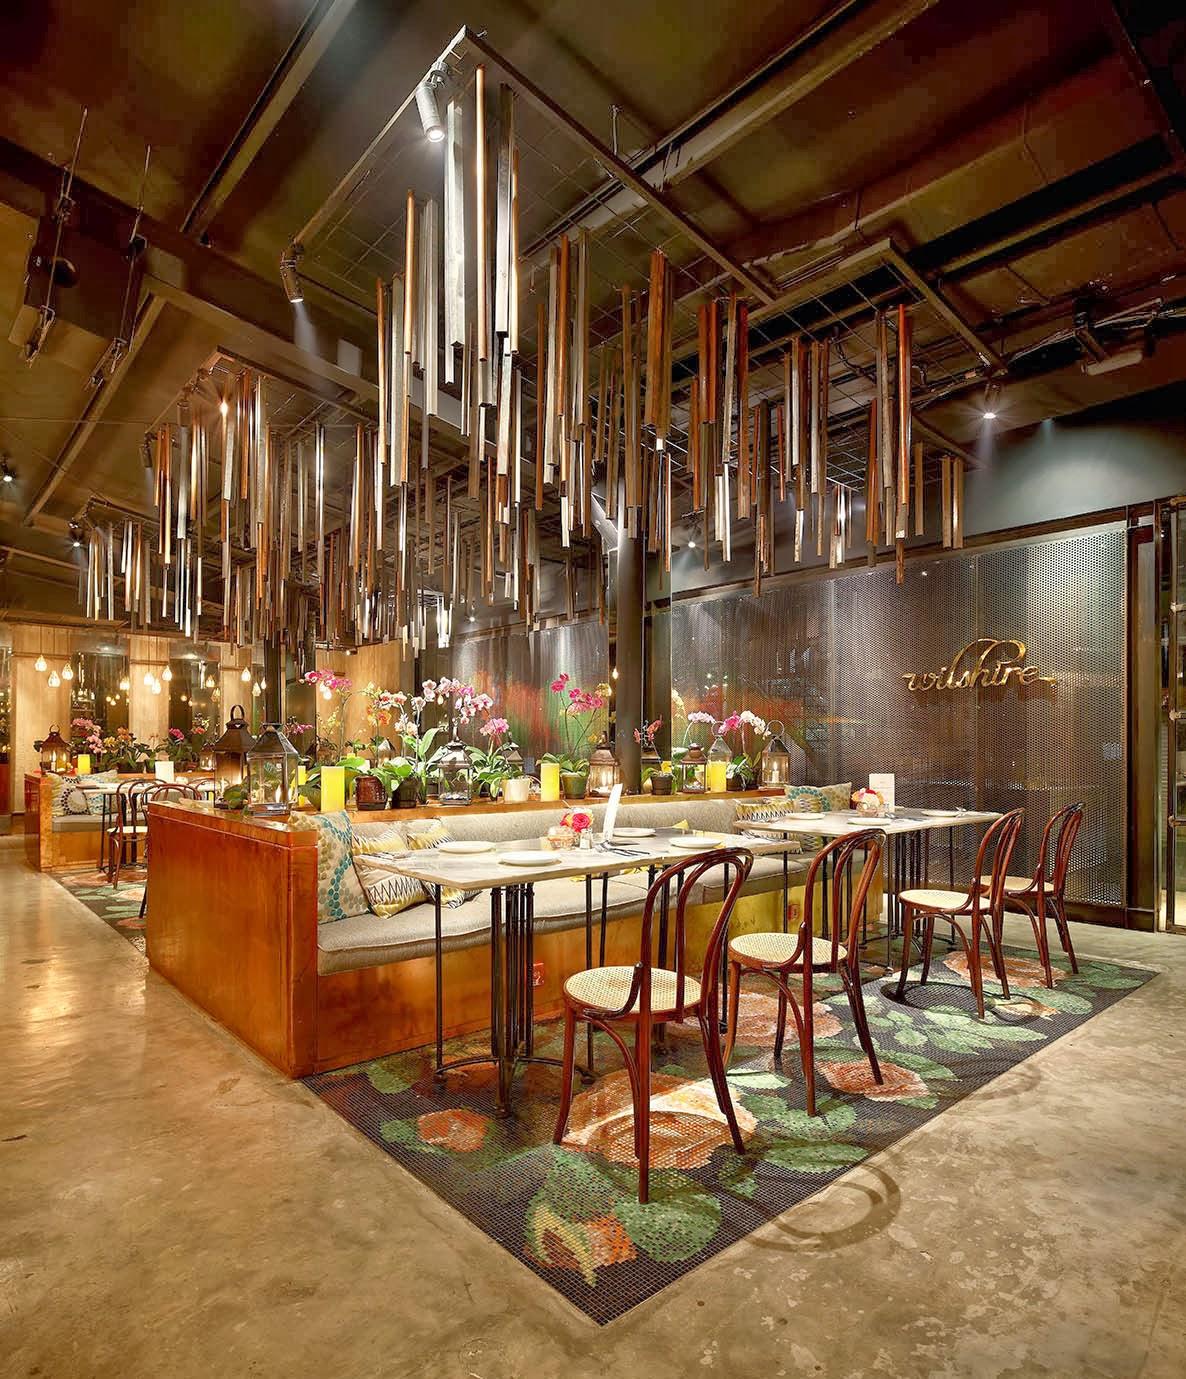 Jl Home Design Utah